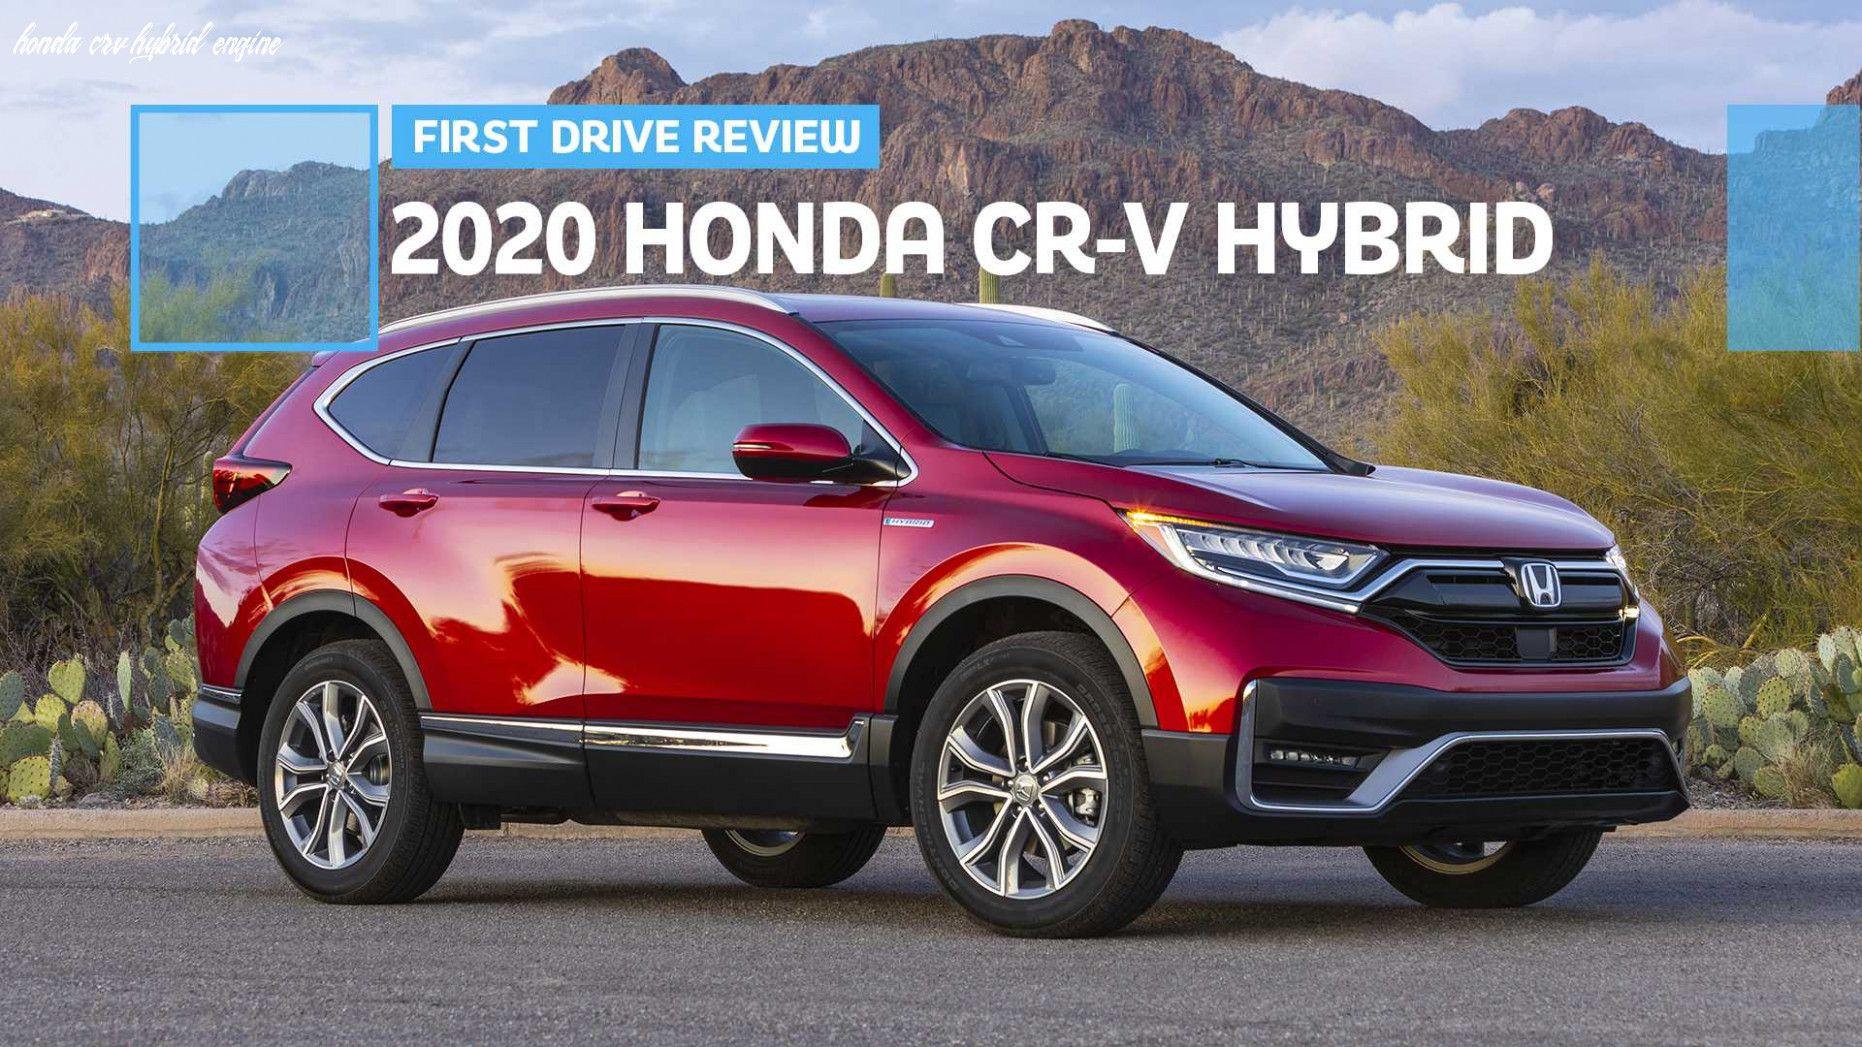 Honda Crv Hybrid Engine In 2020 Honda Cr Honda Honda Crv Hybrid